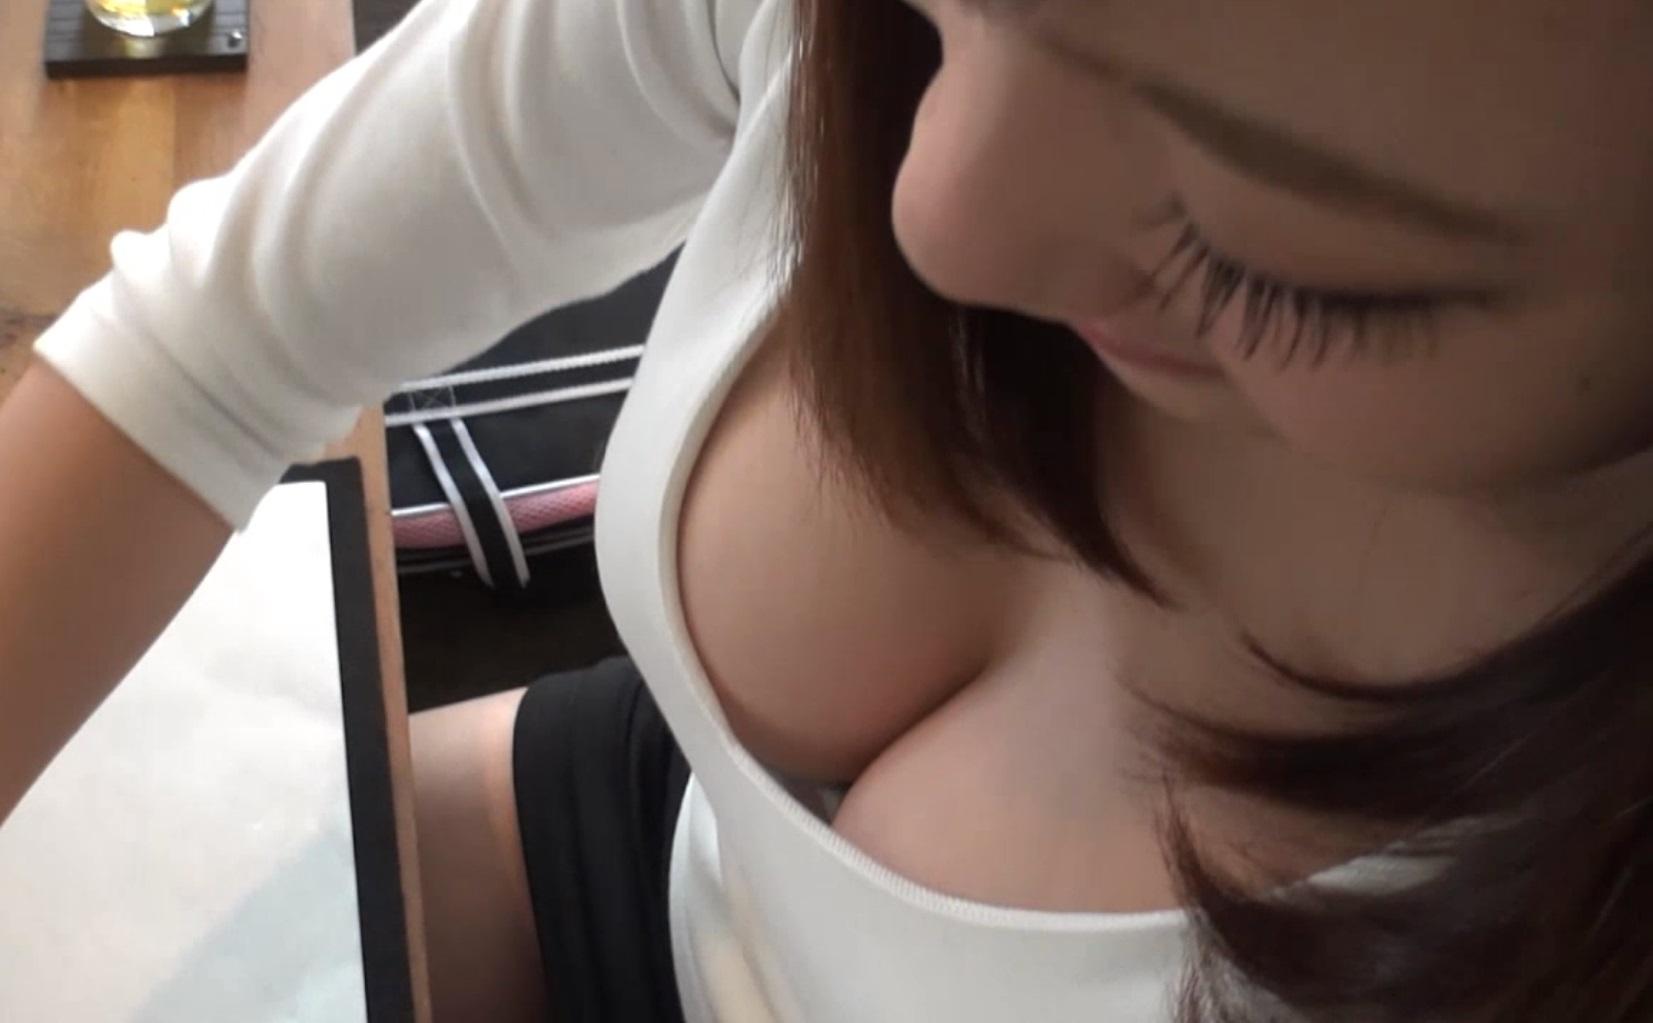 女友達の谷間がエロすぎたぁーwww胸チラおっぱい隠し撮りしたぞぉーwww 2256